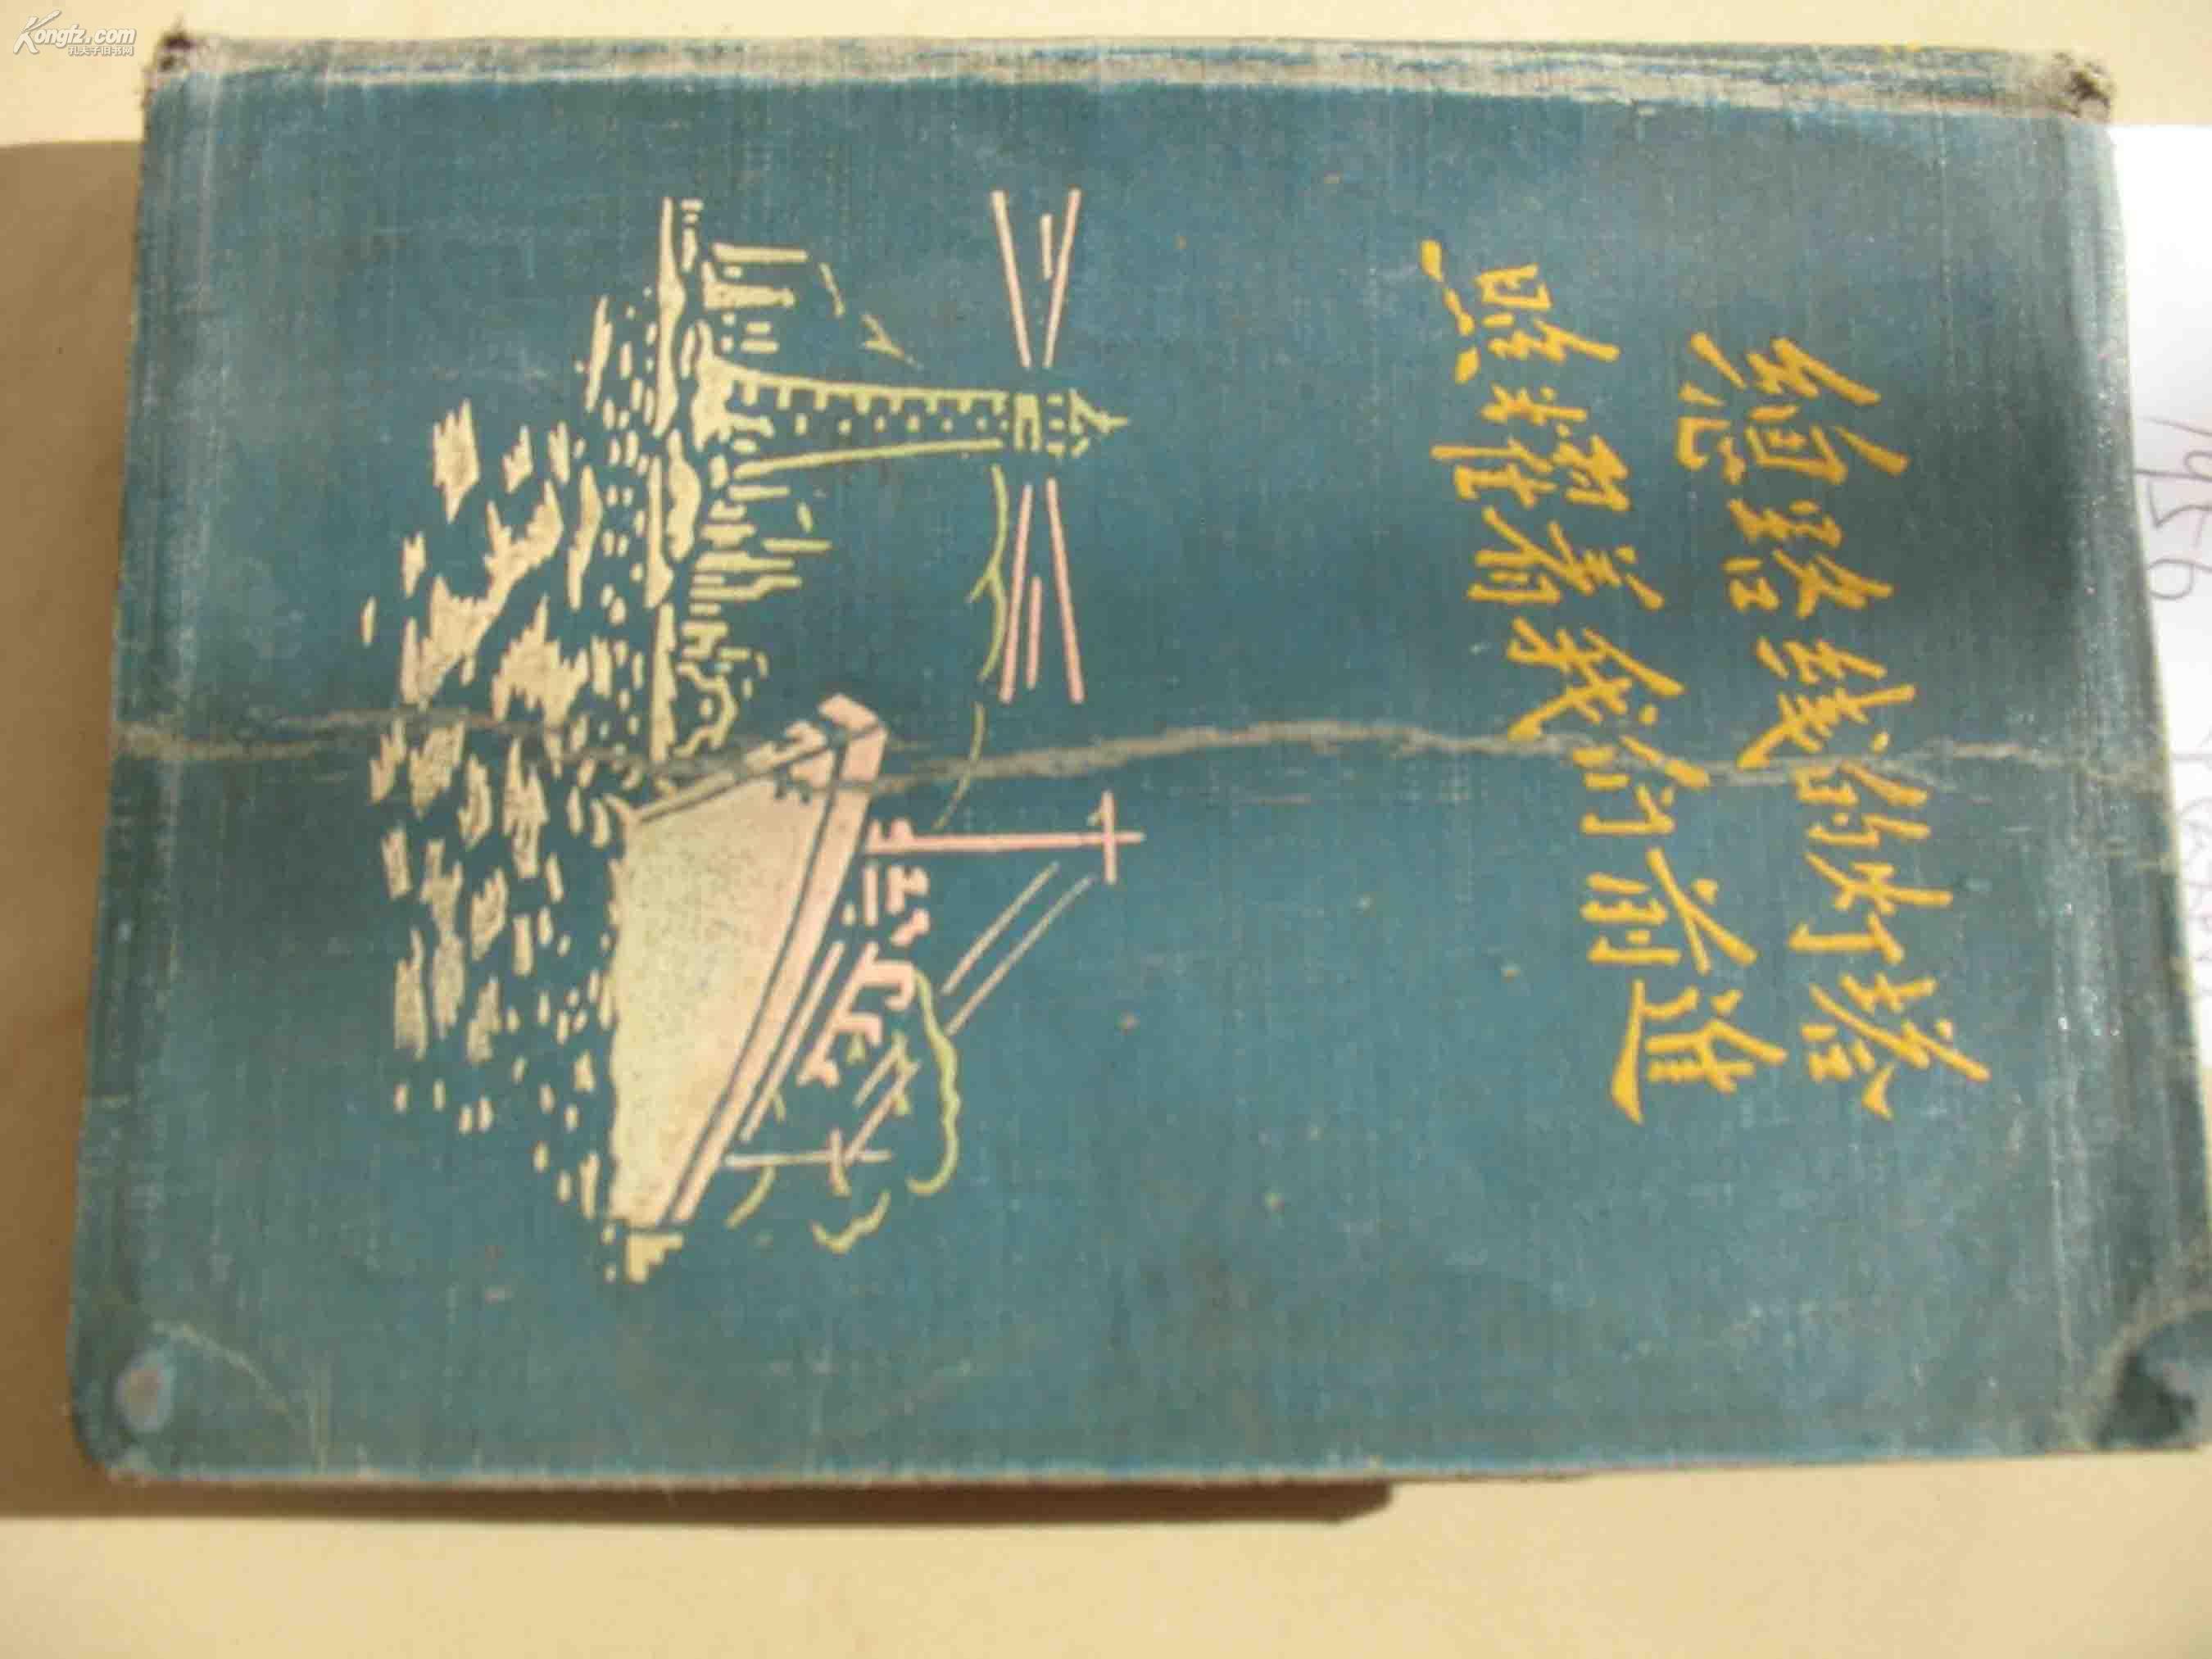 老日记本:总路线的灯塔照耀着我们前进(布面精装,首页为新中国经济建设及物产形象图